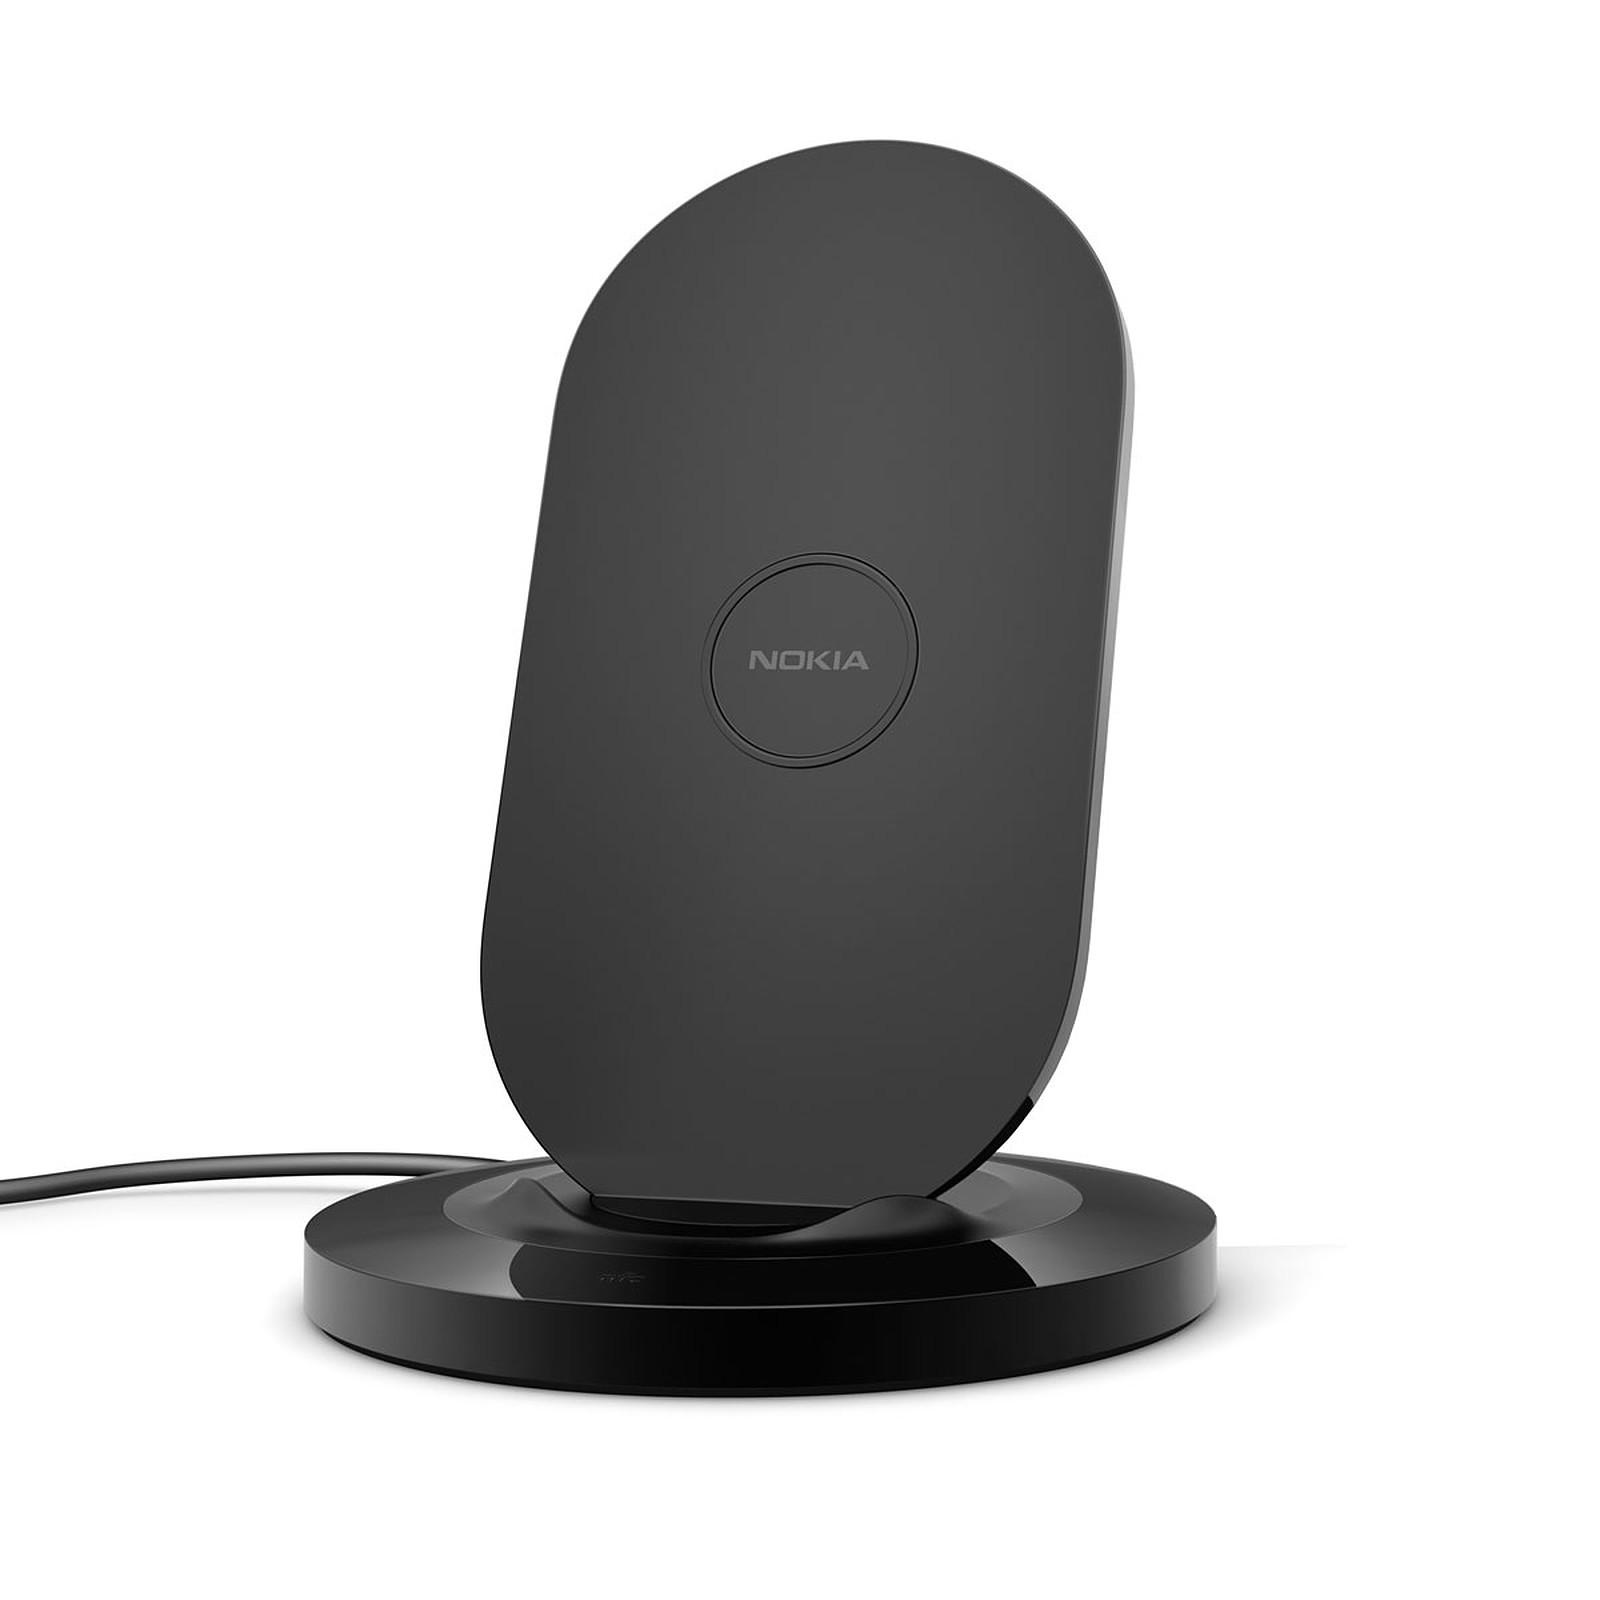 Nokia Station de chargement sans fil DT910 Noir